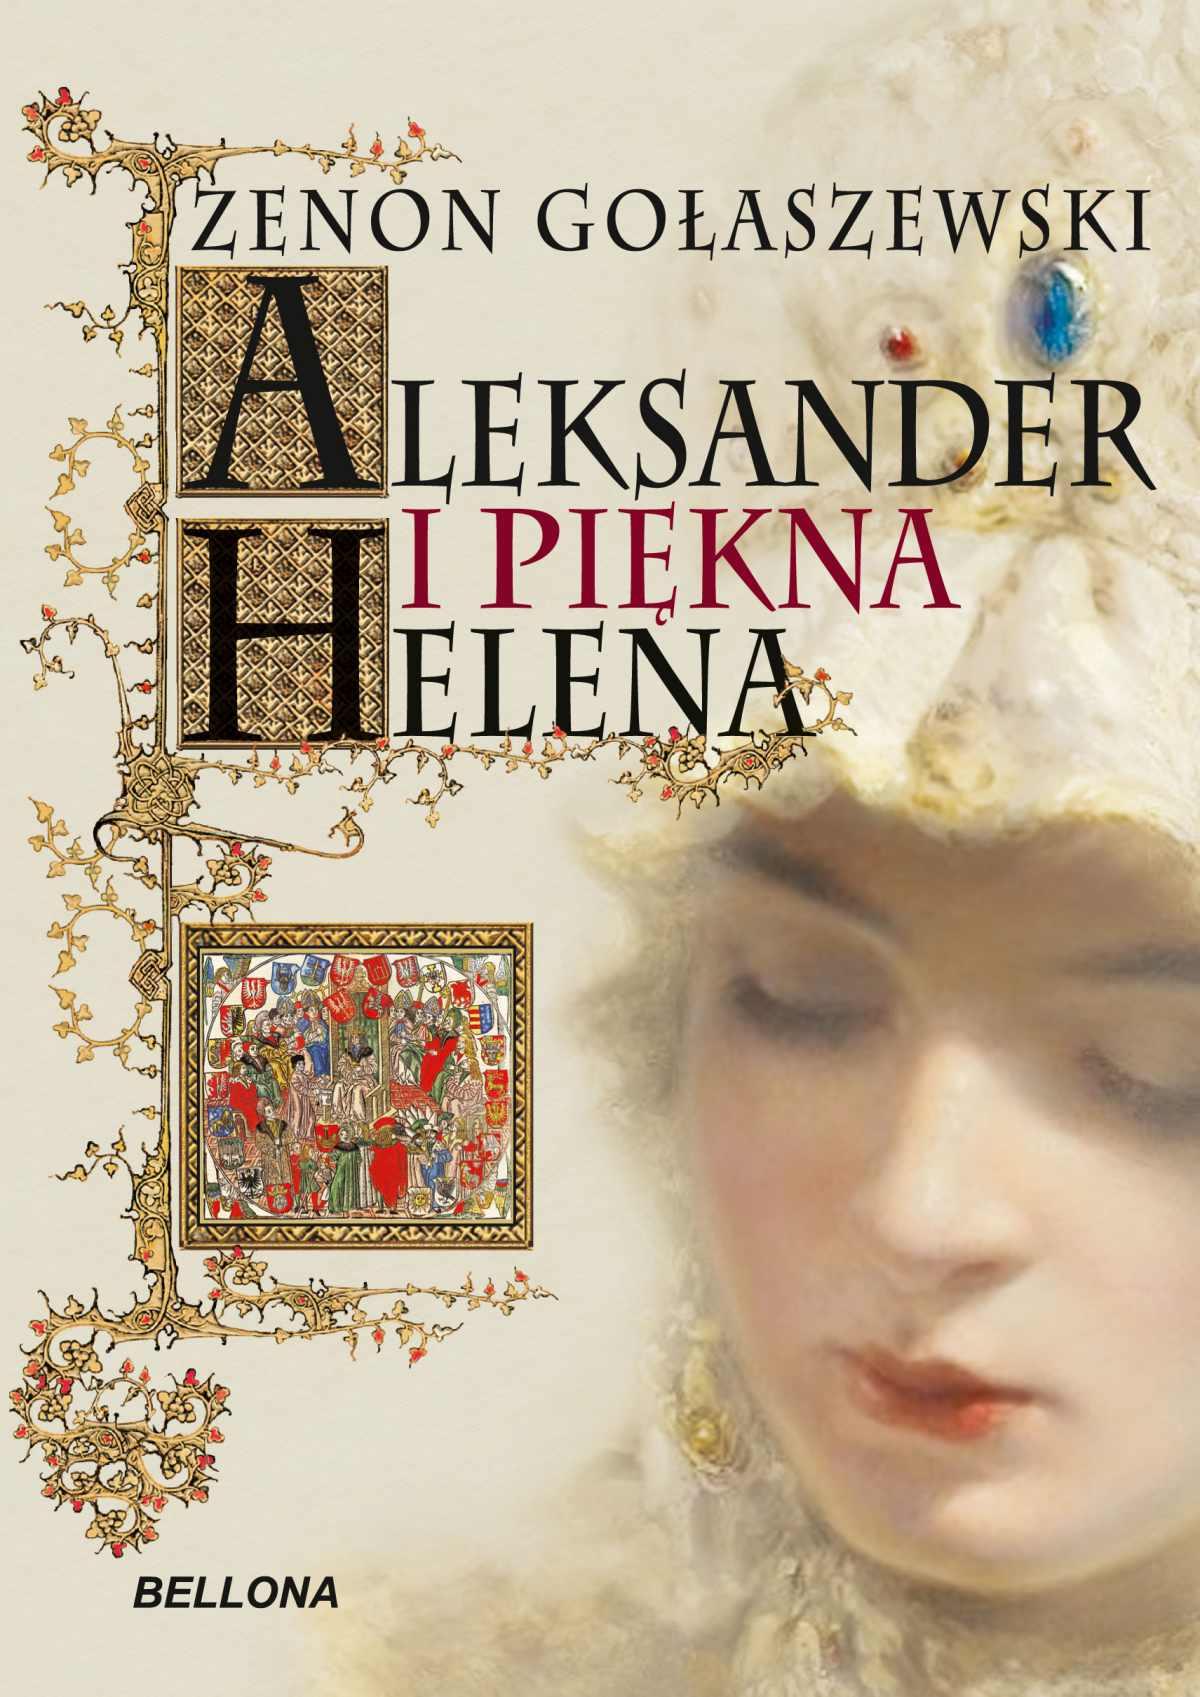 Aleksander i piękna Helena - Ebook (Książka EPUB) do pobrania w formacie EPUB